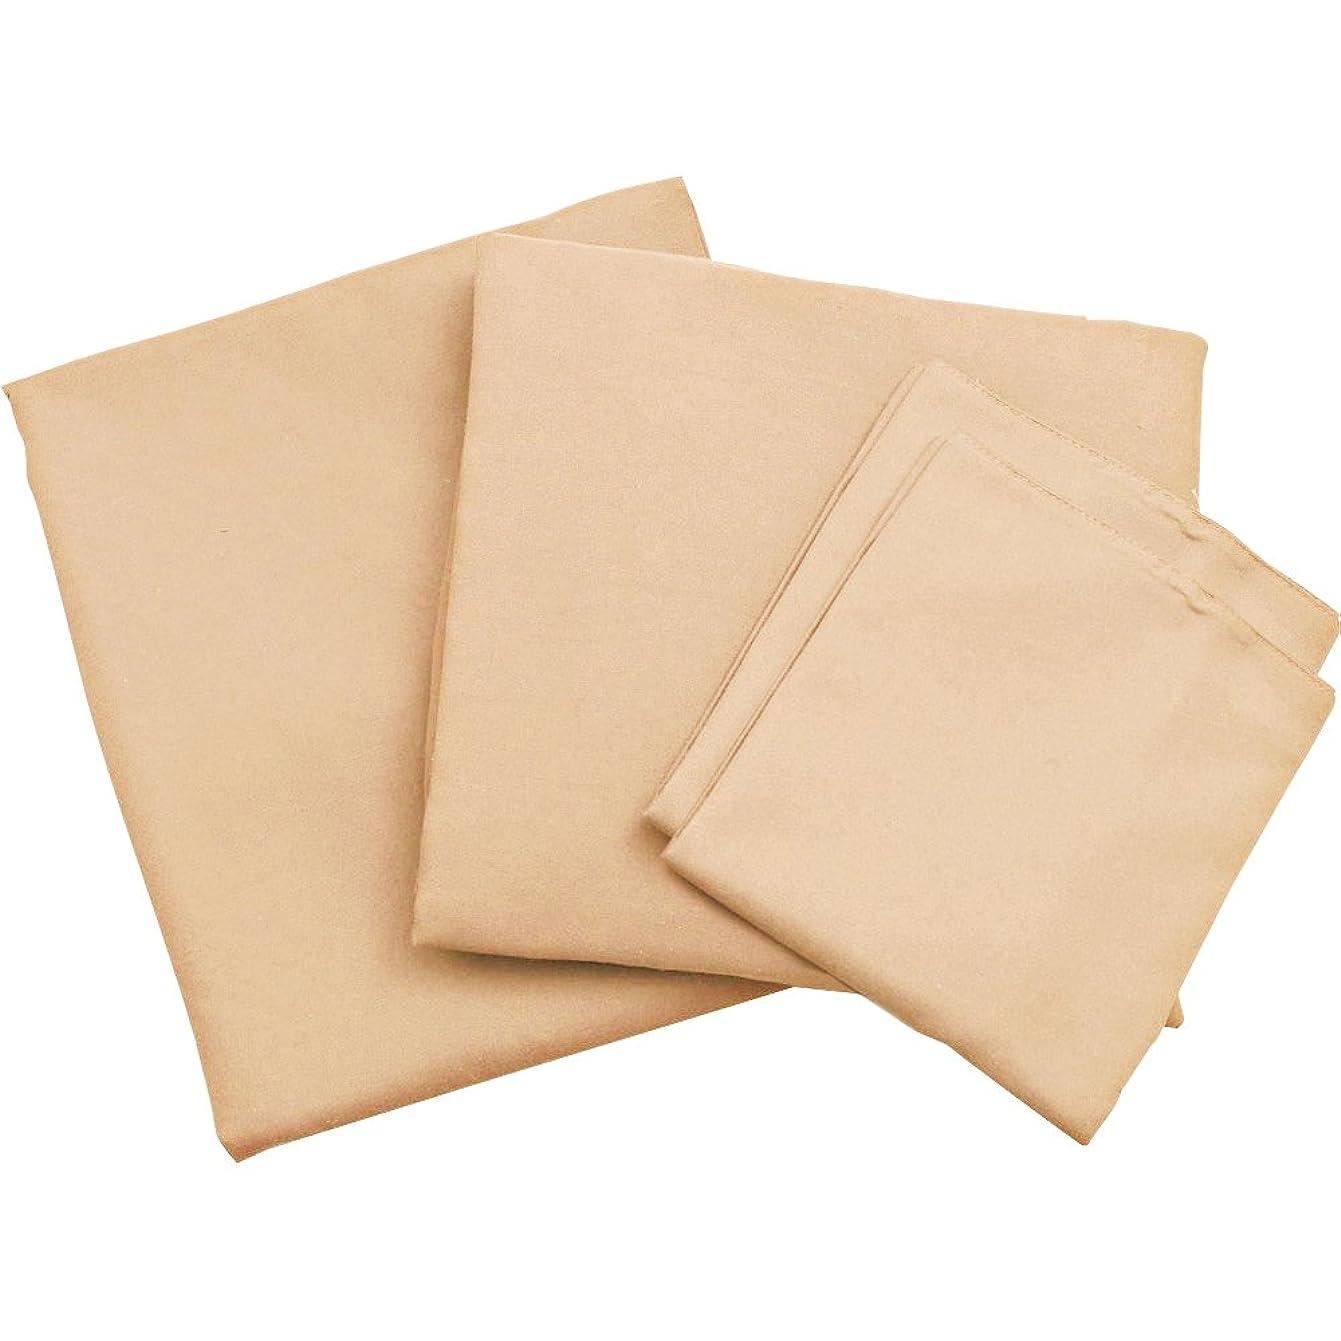 不運折る膨張する布団カバー 4点セット 敷布団用 洗える ピーチスキン加工 速乾 ダブルロング アーモンド